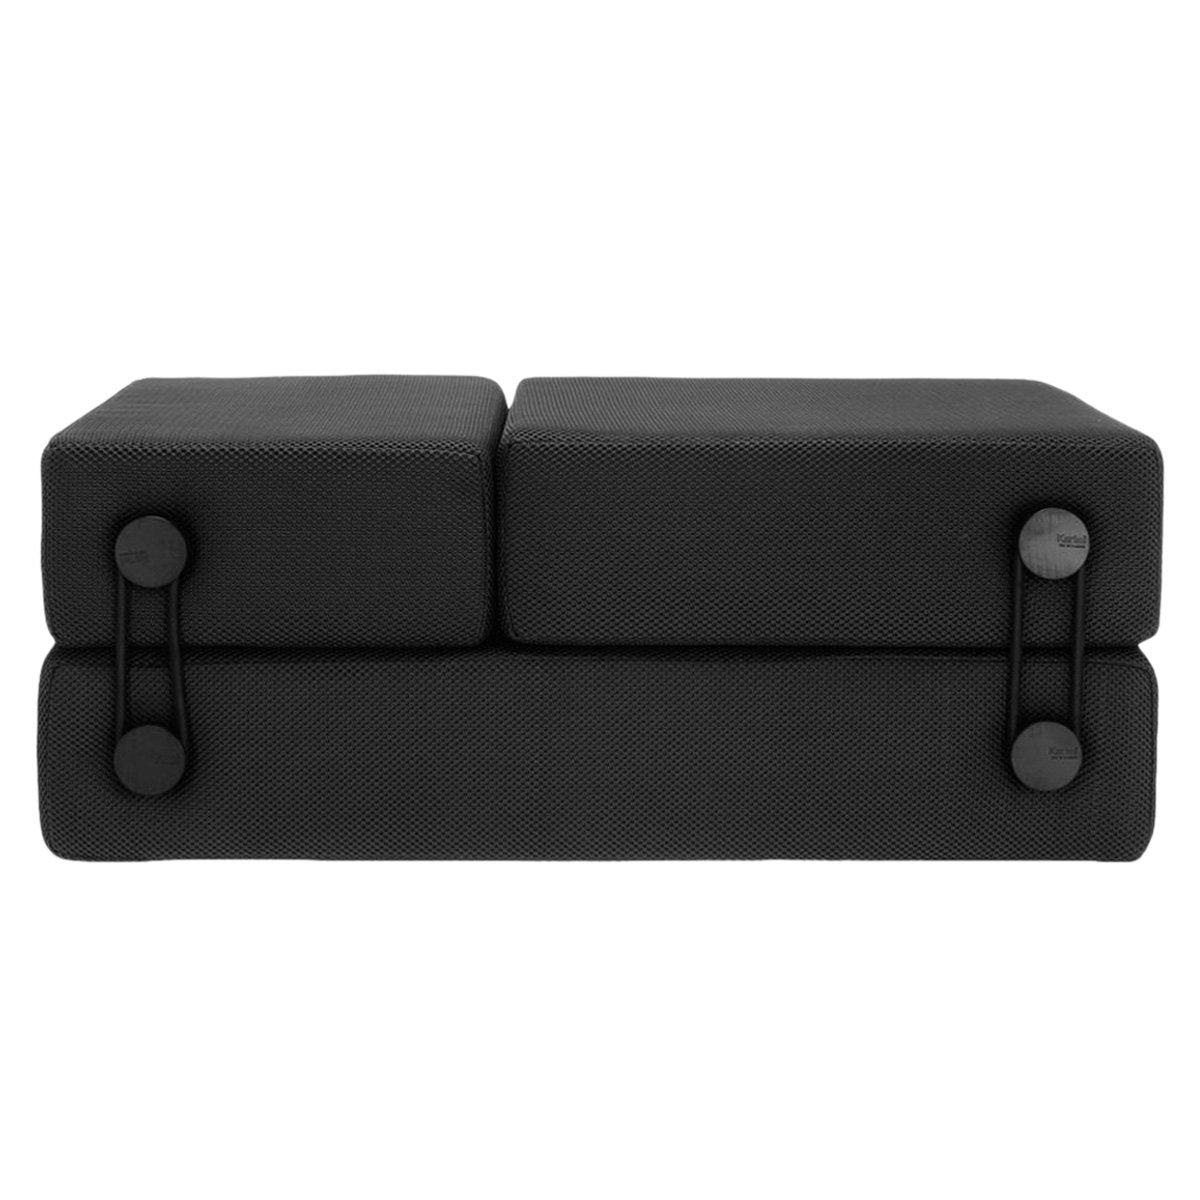 Kartell 602509 Sitzsystem Trix 100 x 36 x 75 cm Polyestergewebe, schiefergrau